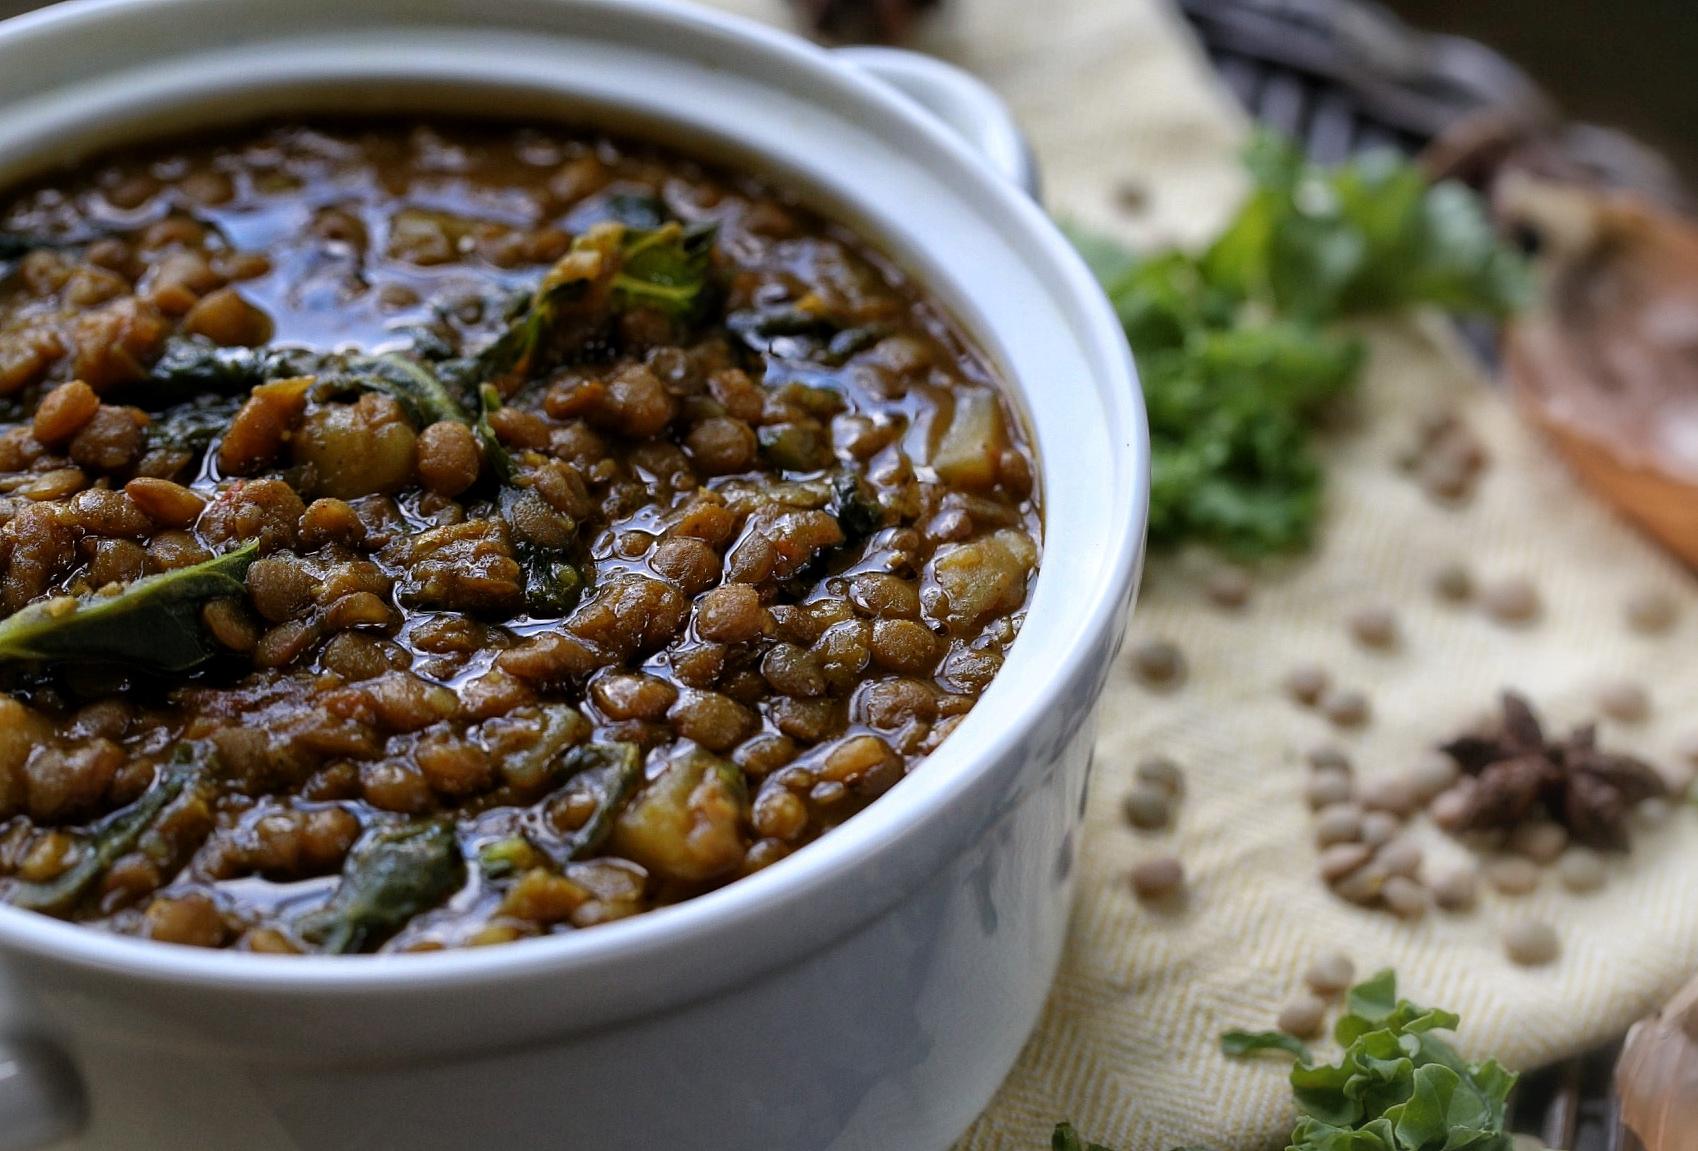 Potato lentil soup with kale